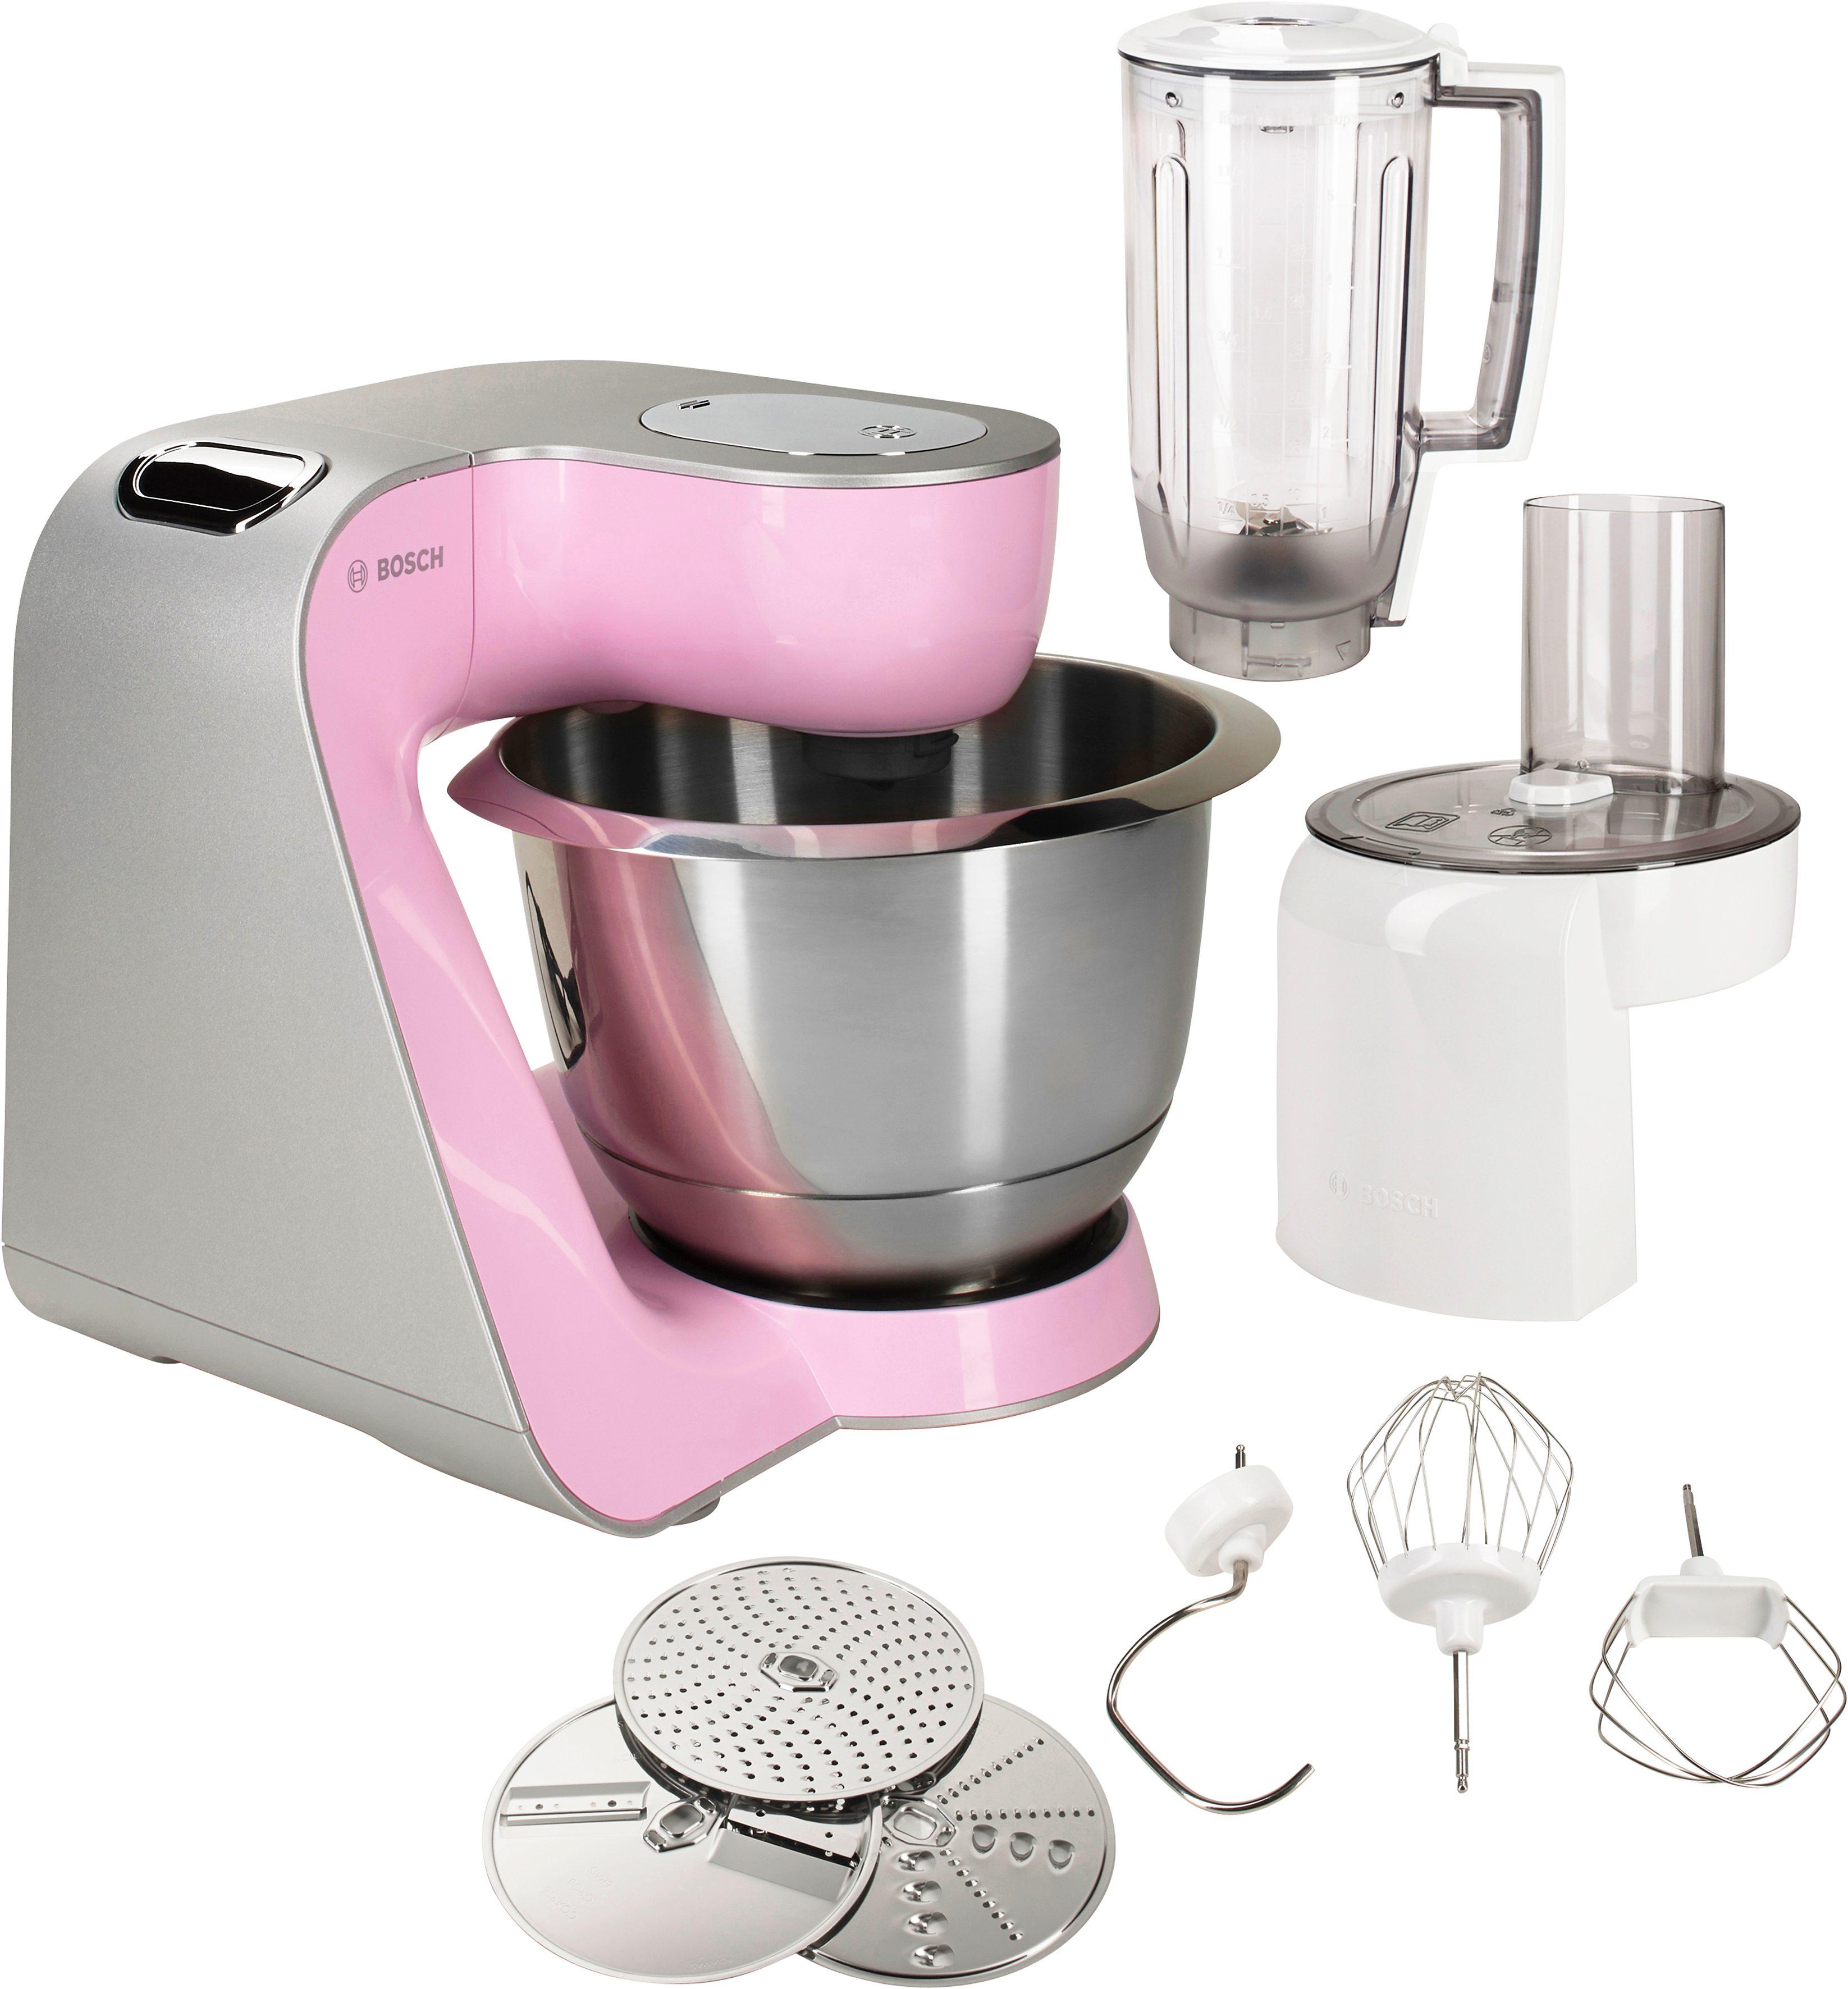 BOSCH Küchenmaschine CreationLine MUM58K20, 1000 Watt auf Raten | BAUR